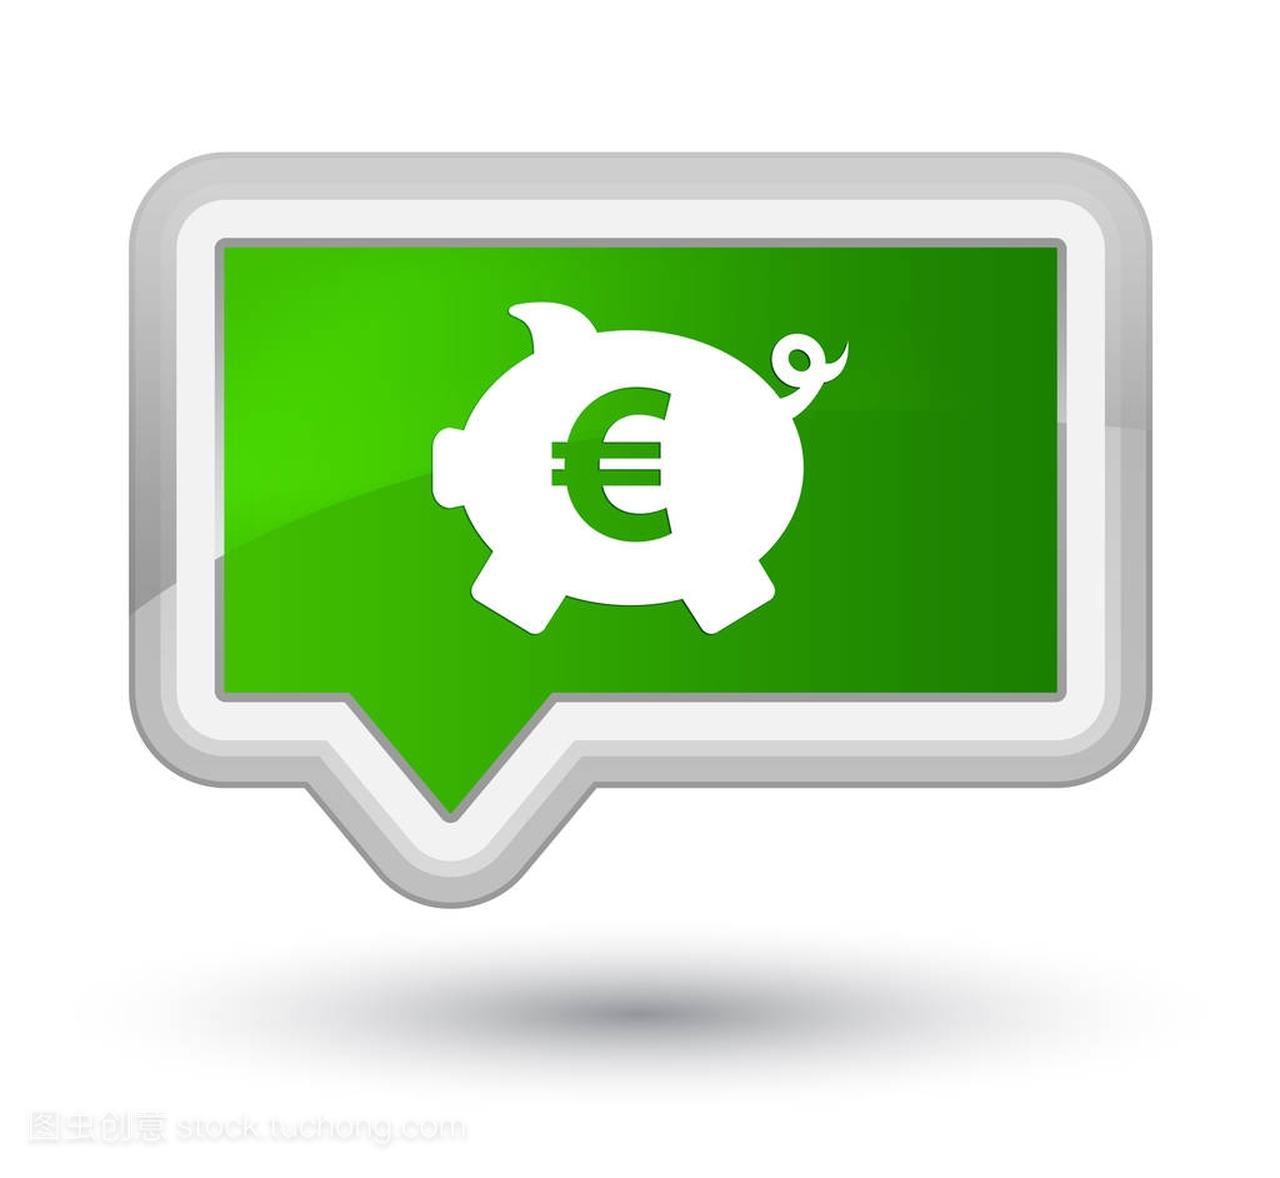 小猪绿色黄金银行图标横幅按钮标志欧元建筑设计v绿色规范表4.3.4图片